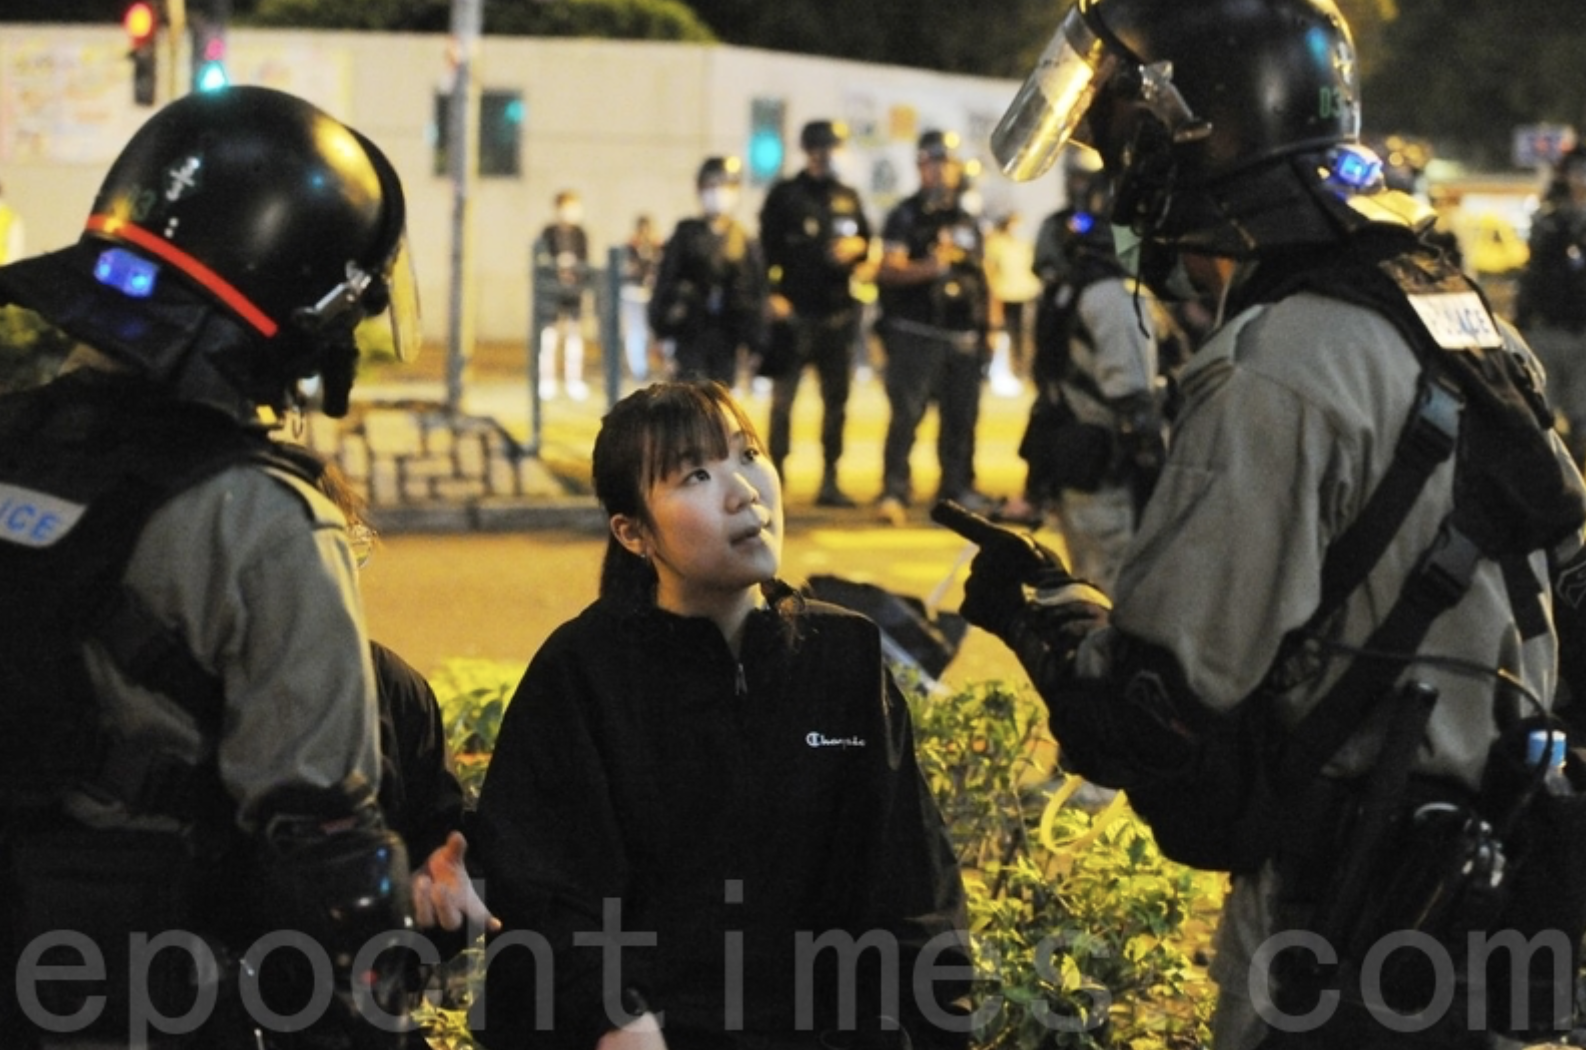 2020年3月8日,香港一批市民在大埔集會和遊行,反對政府將區內的賽馬會普通科門診診所列為指定診所。防暴警察對2位女孩粗魯暴力的對待。(宋碧龍/大紀元)